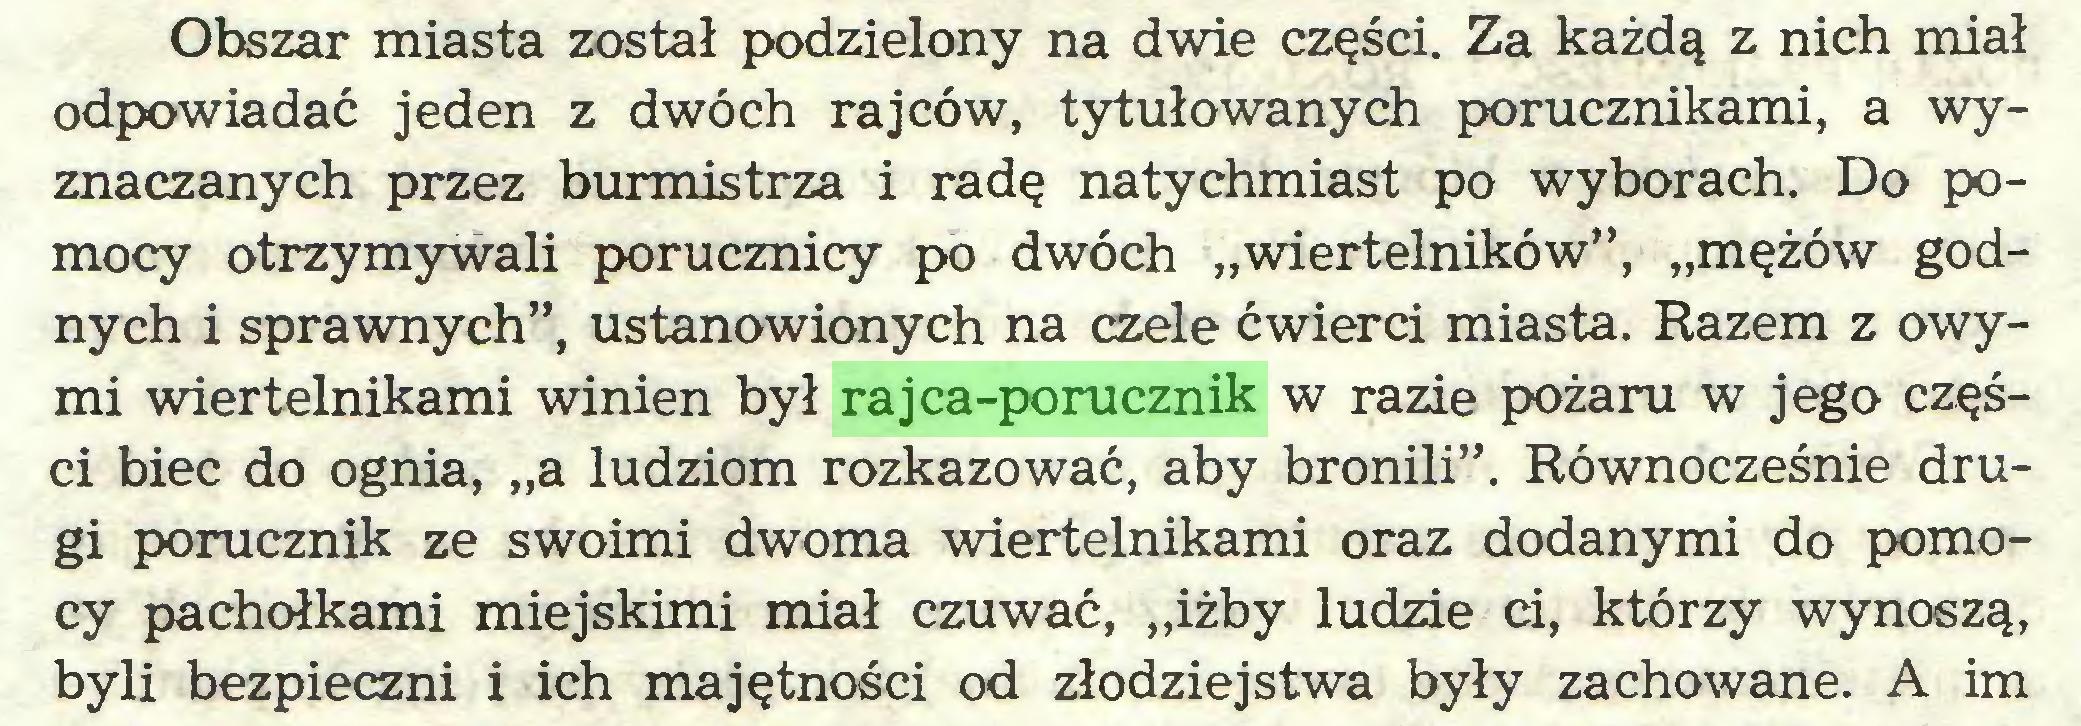 """(...) Obszar miasta został podzielony na dwie części. Za każdą z nich miał odpowiadać jeden z dwóch rajców, tytułowanych porucznikami, a wyznaczanych przez burmistrza i radę natychmiast po wyborach. Do pomocy otrzymywali porucznicy po dwóch """"wiertelników"""", """"mężów godnych i sprawnych"""", ustanowionych na czele ćwierci miasta. Razem z owymi wiertelnikami winien był rajca-porucznik w razie pożaru w jego części biec do ognia, """"a ludziom rozkazować, aby bronili"""". Równocześnie drugi porucznik ze swoimi dwoma wiertelnikami oraz dodanymi do pomocy pachołkami miejskimi miał czuwać, """"iżby ludzie ci, którzy wynoszą, byli bezpieczni i ich majętności od złodziejstwa były zachowane. A im..."""